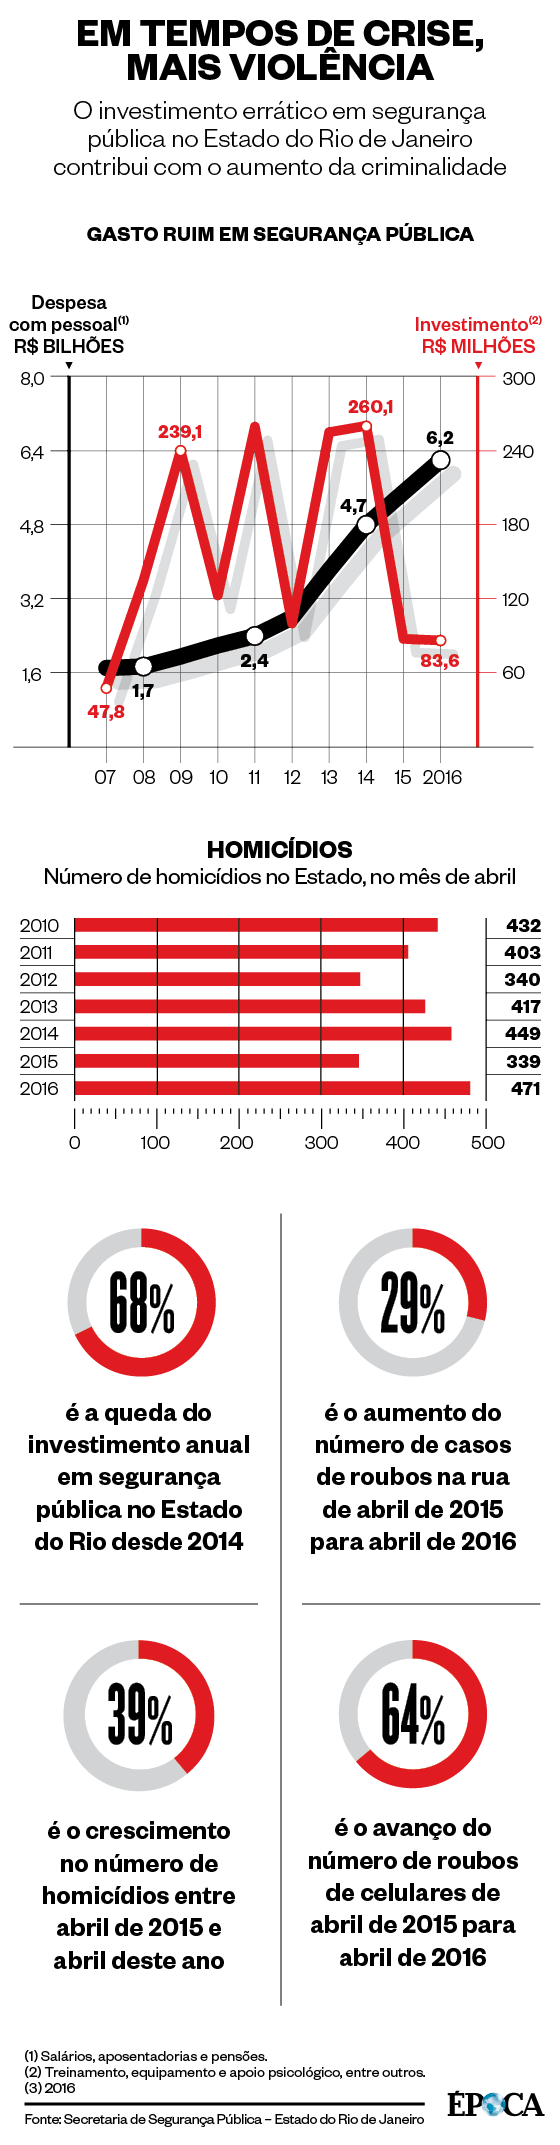 Infográfico sobre segurança pública do Rio de Janeiro  (Foto: Época )